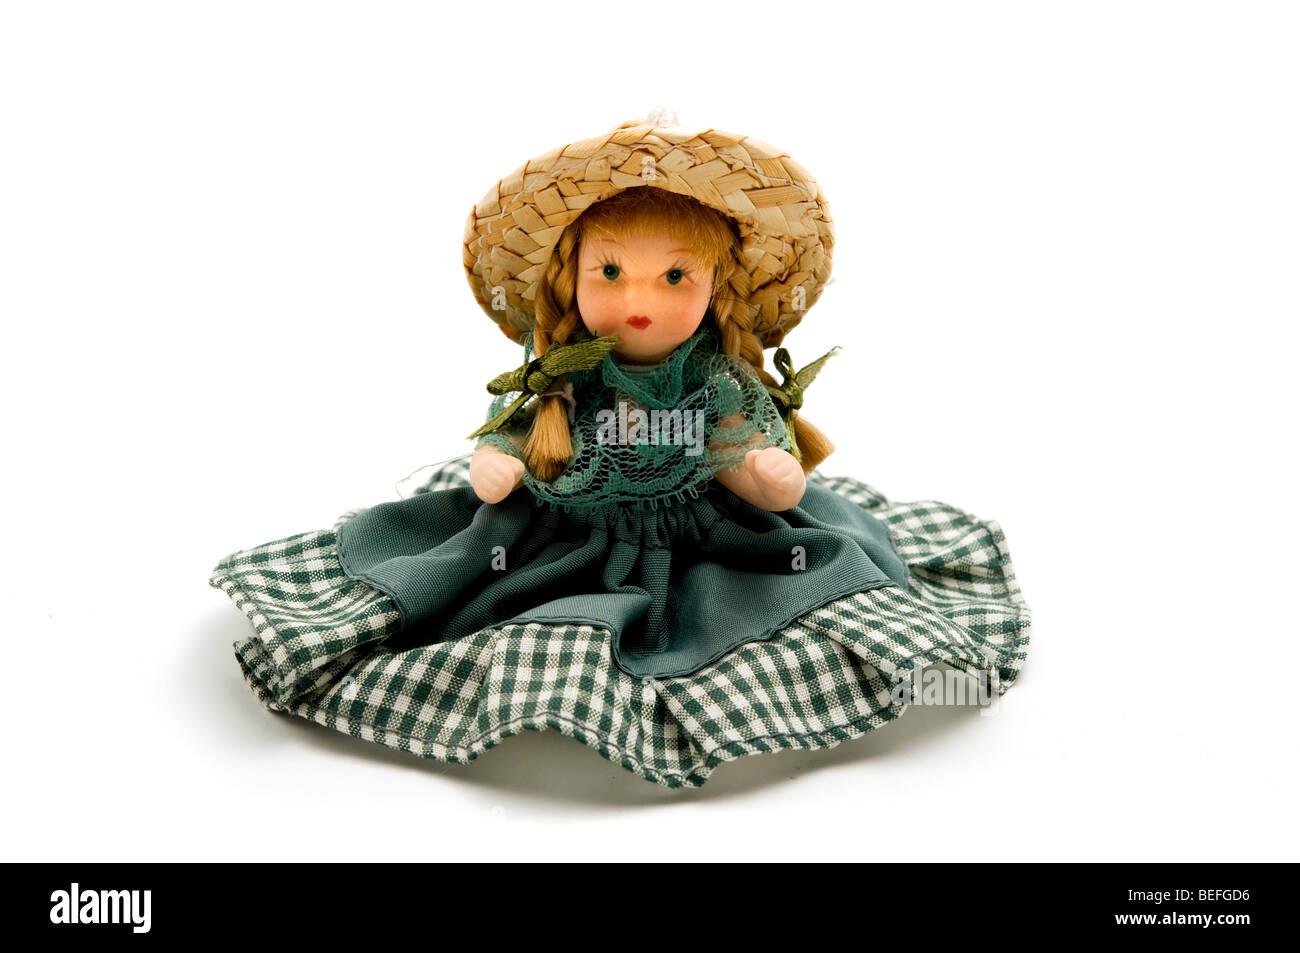 Vecchia Bambola porcellana su sfondo bianco Immagini Stock